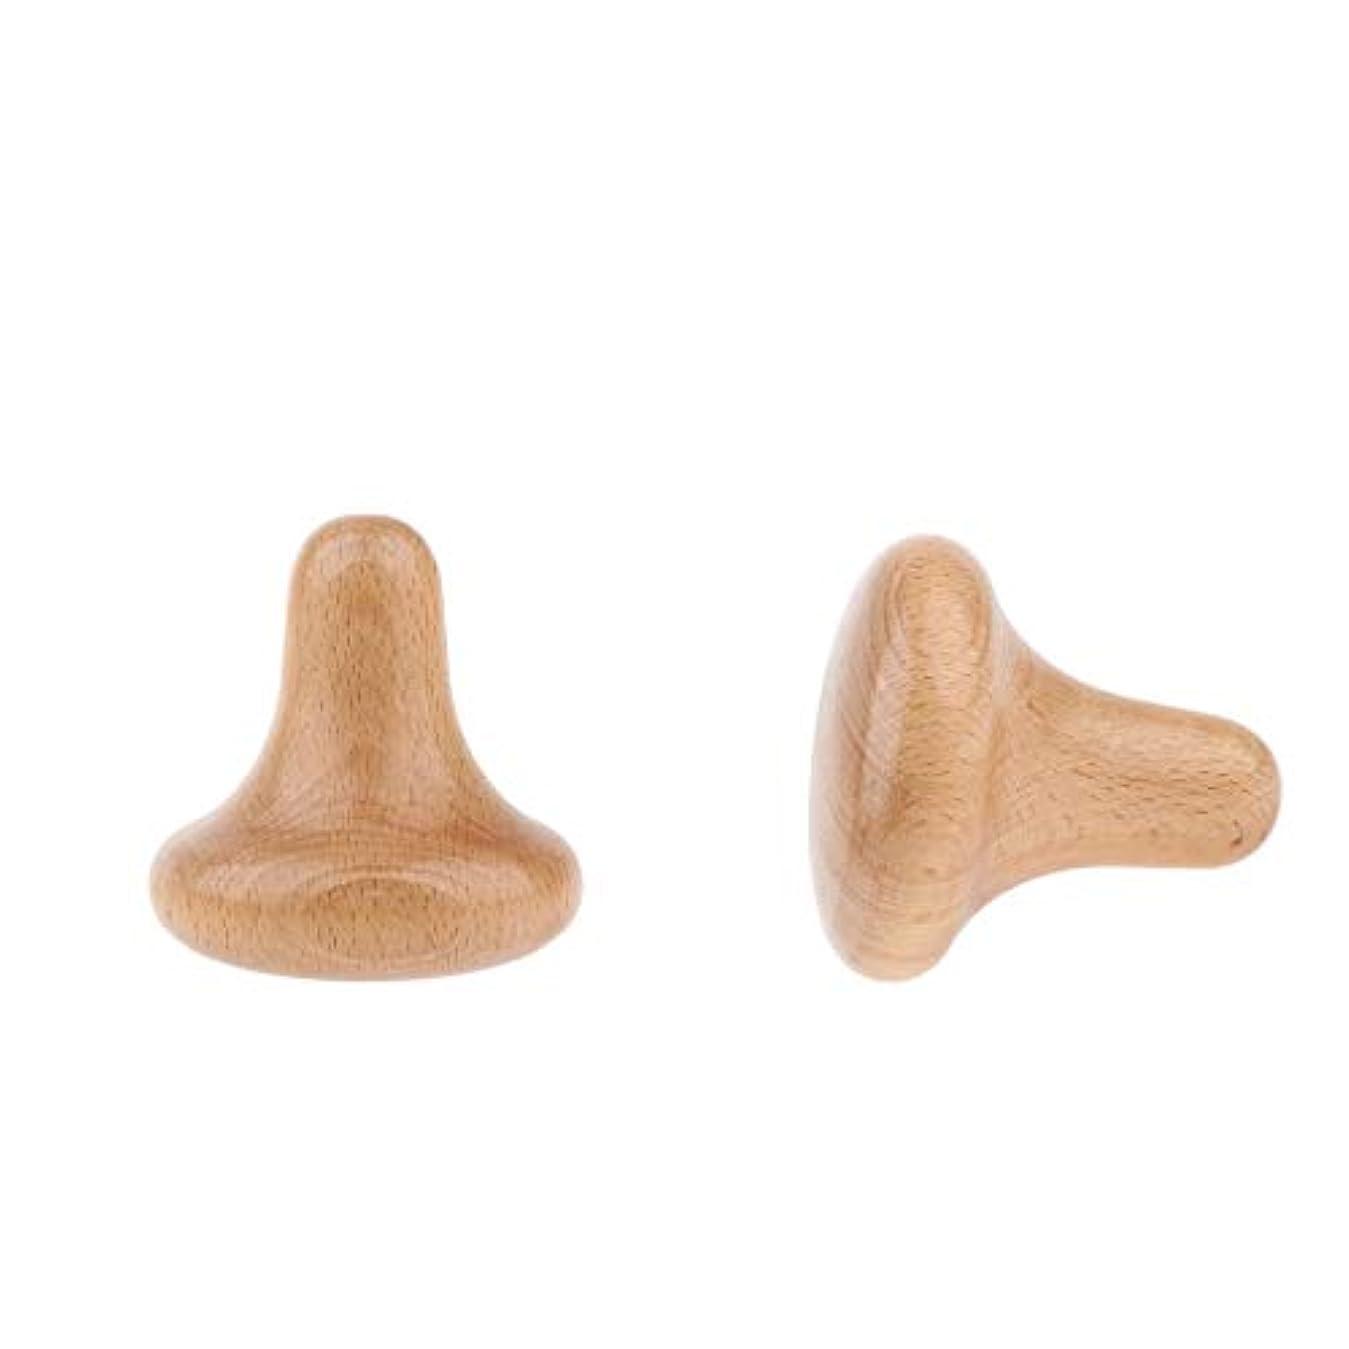 印象的謎これまでsharprepublic ボディマッサージ 木製 トリガーポイント のきのこ形 痛み軽減 高齢者 年長者